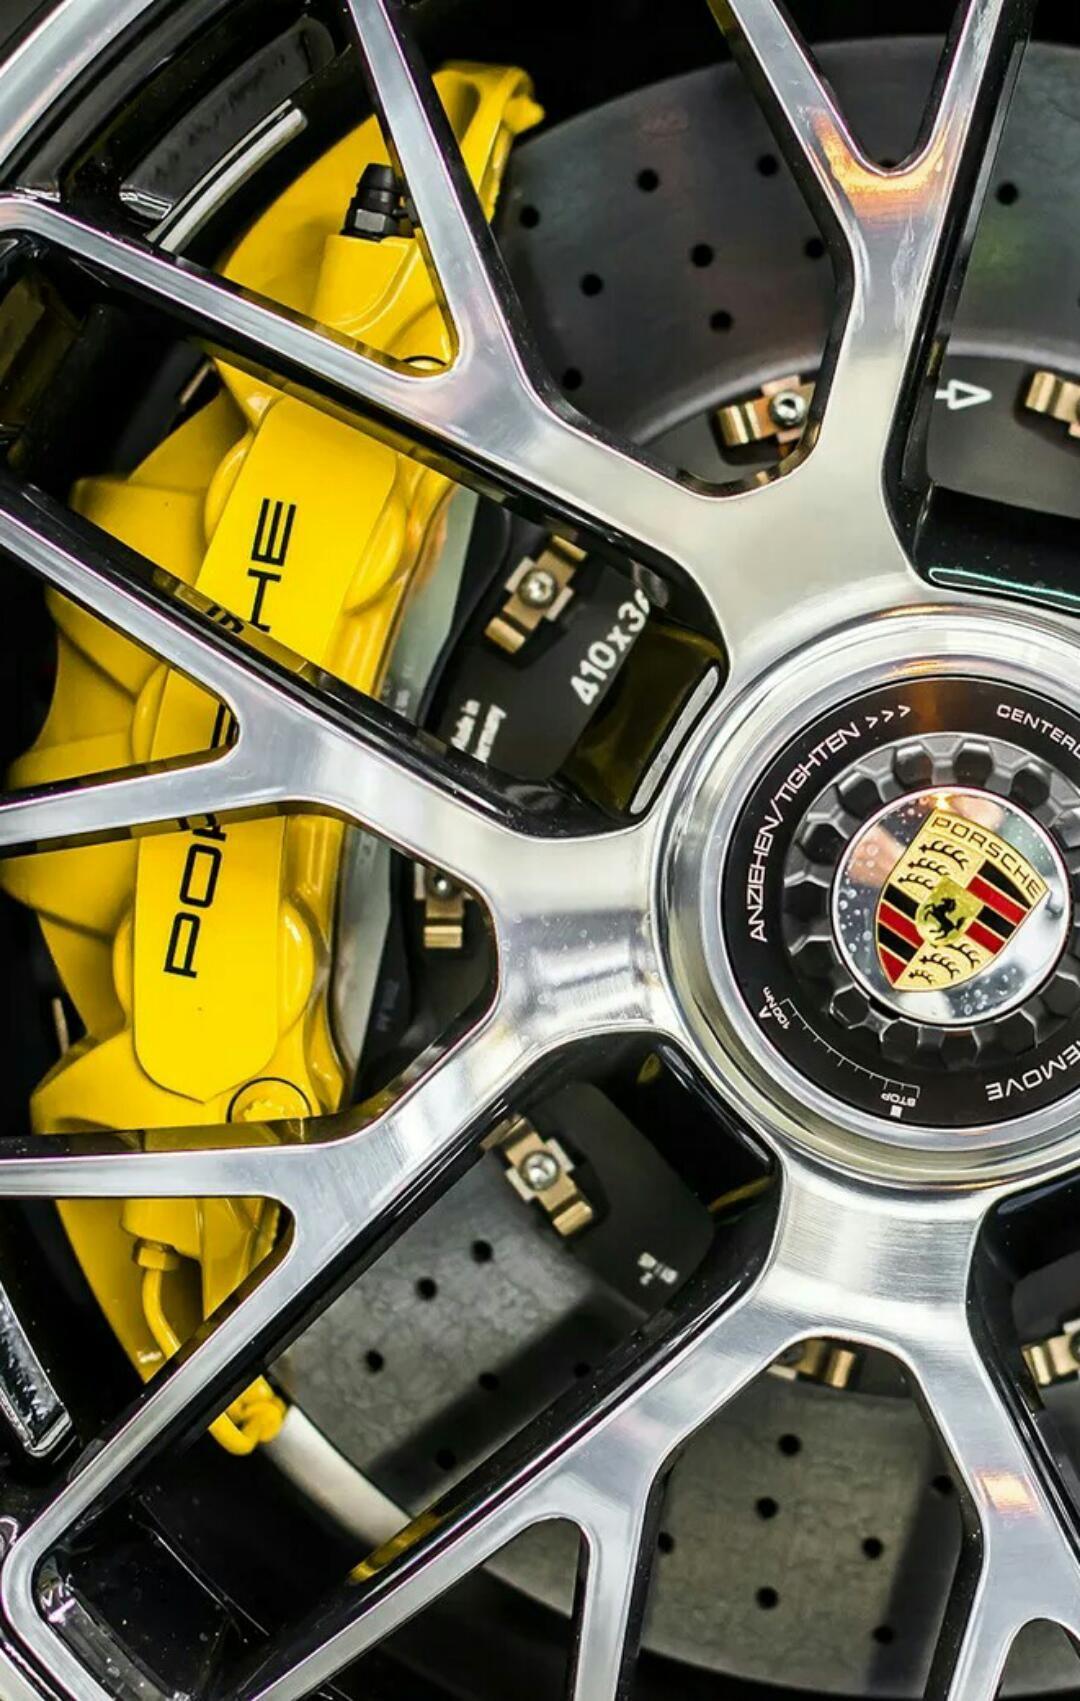 Pin By Hari Prasetyo On Cars Porsche Wheels Sports Car Photos Porsche Sports Car